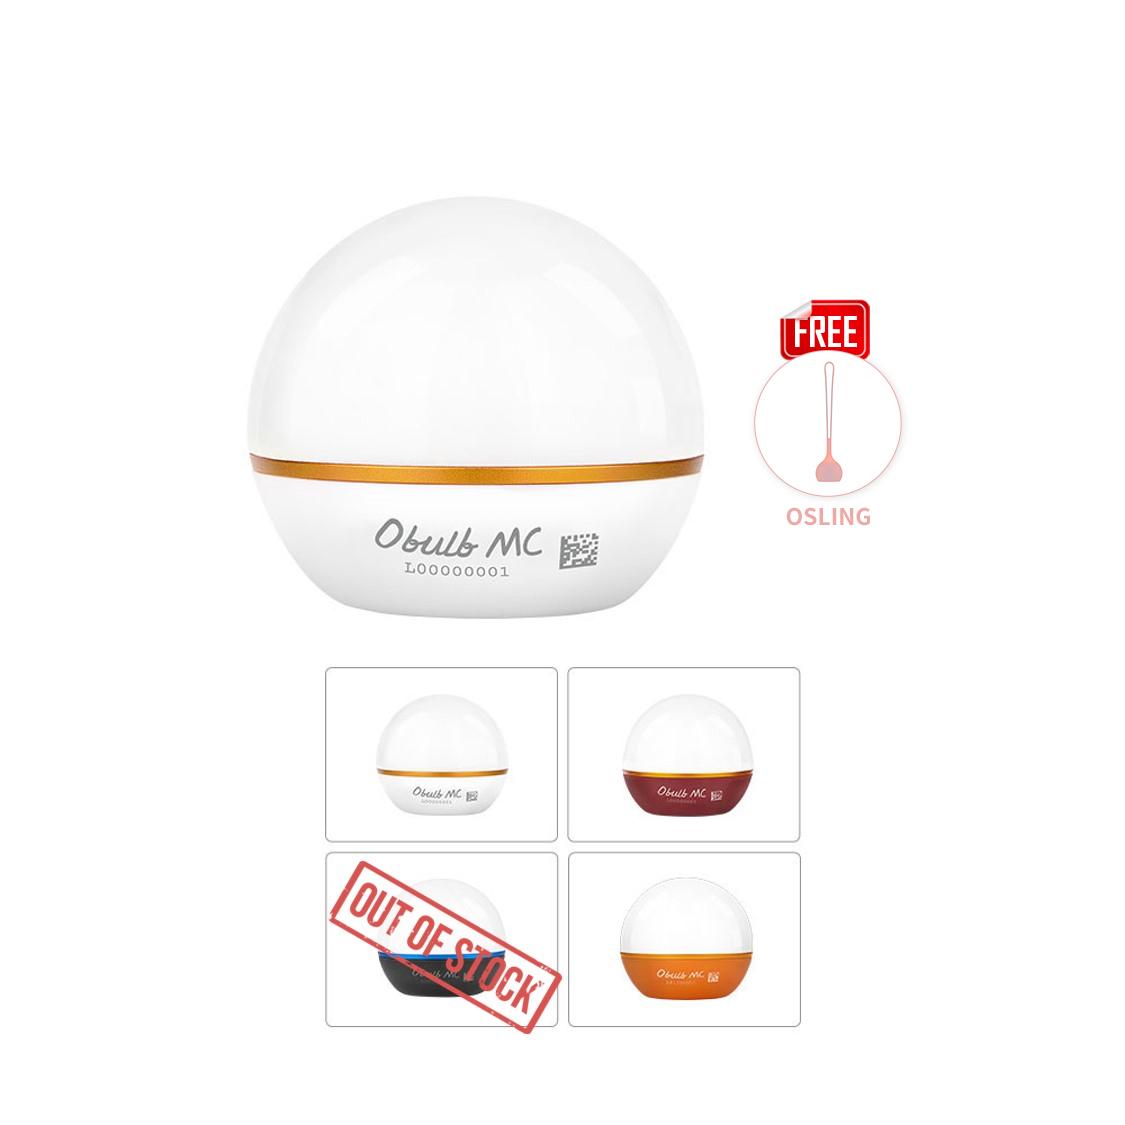 Olight Obulb MC Mini LED Light